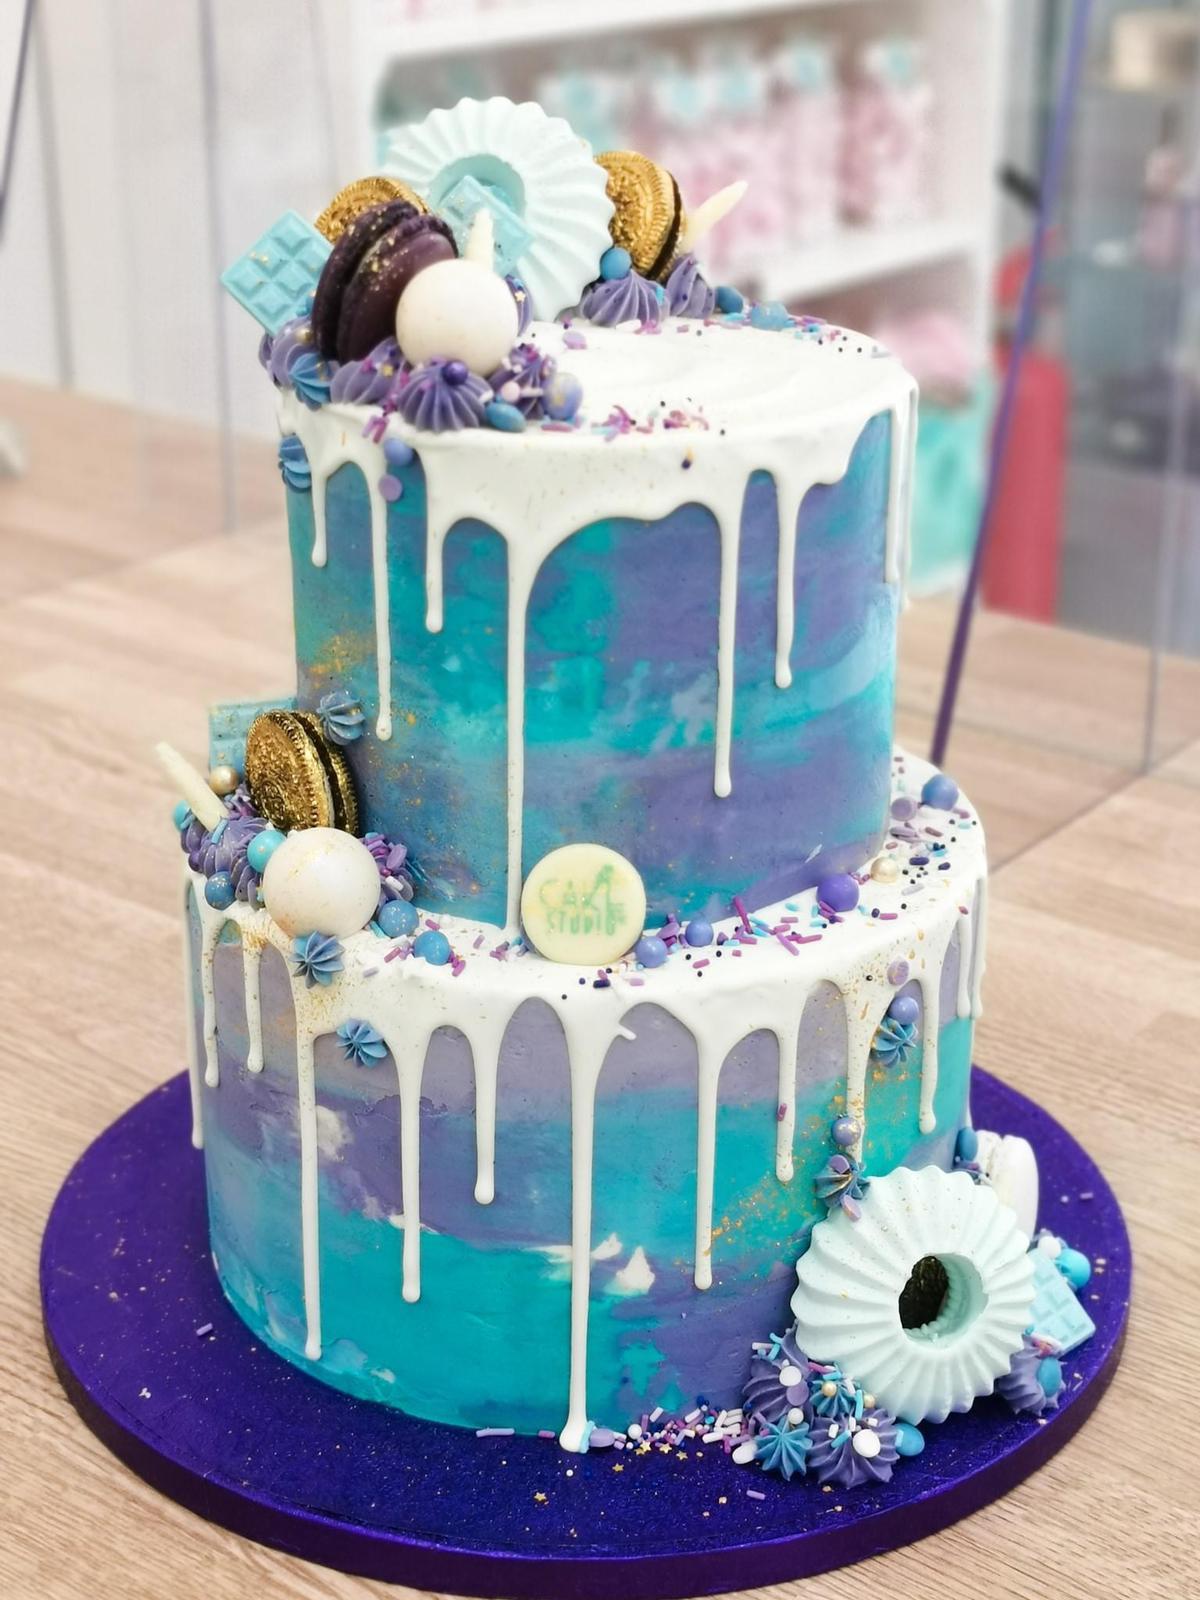 dripcake azzurro tiffany lilla viola con dripping bianco meringhe macaron cioccolato oreo